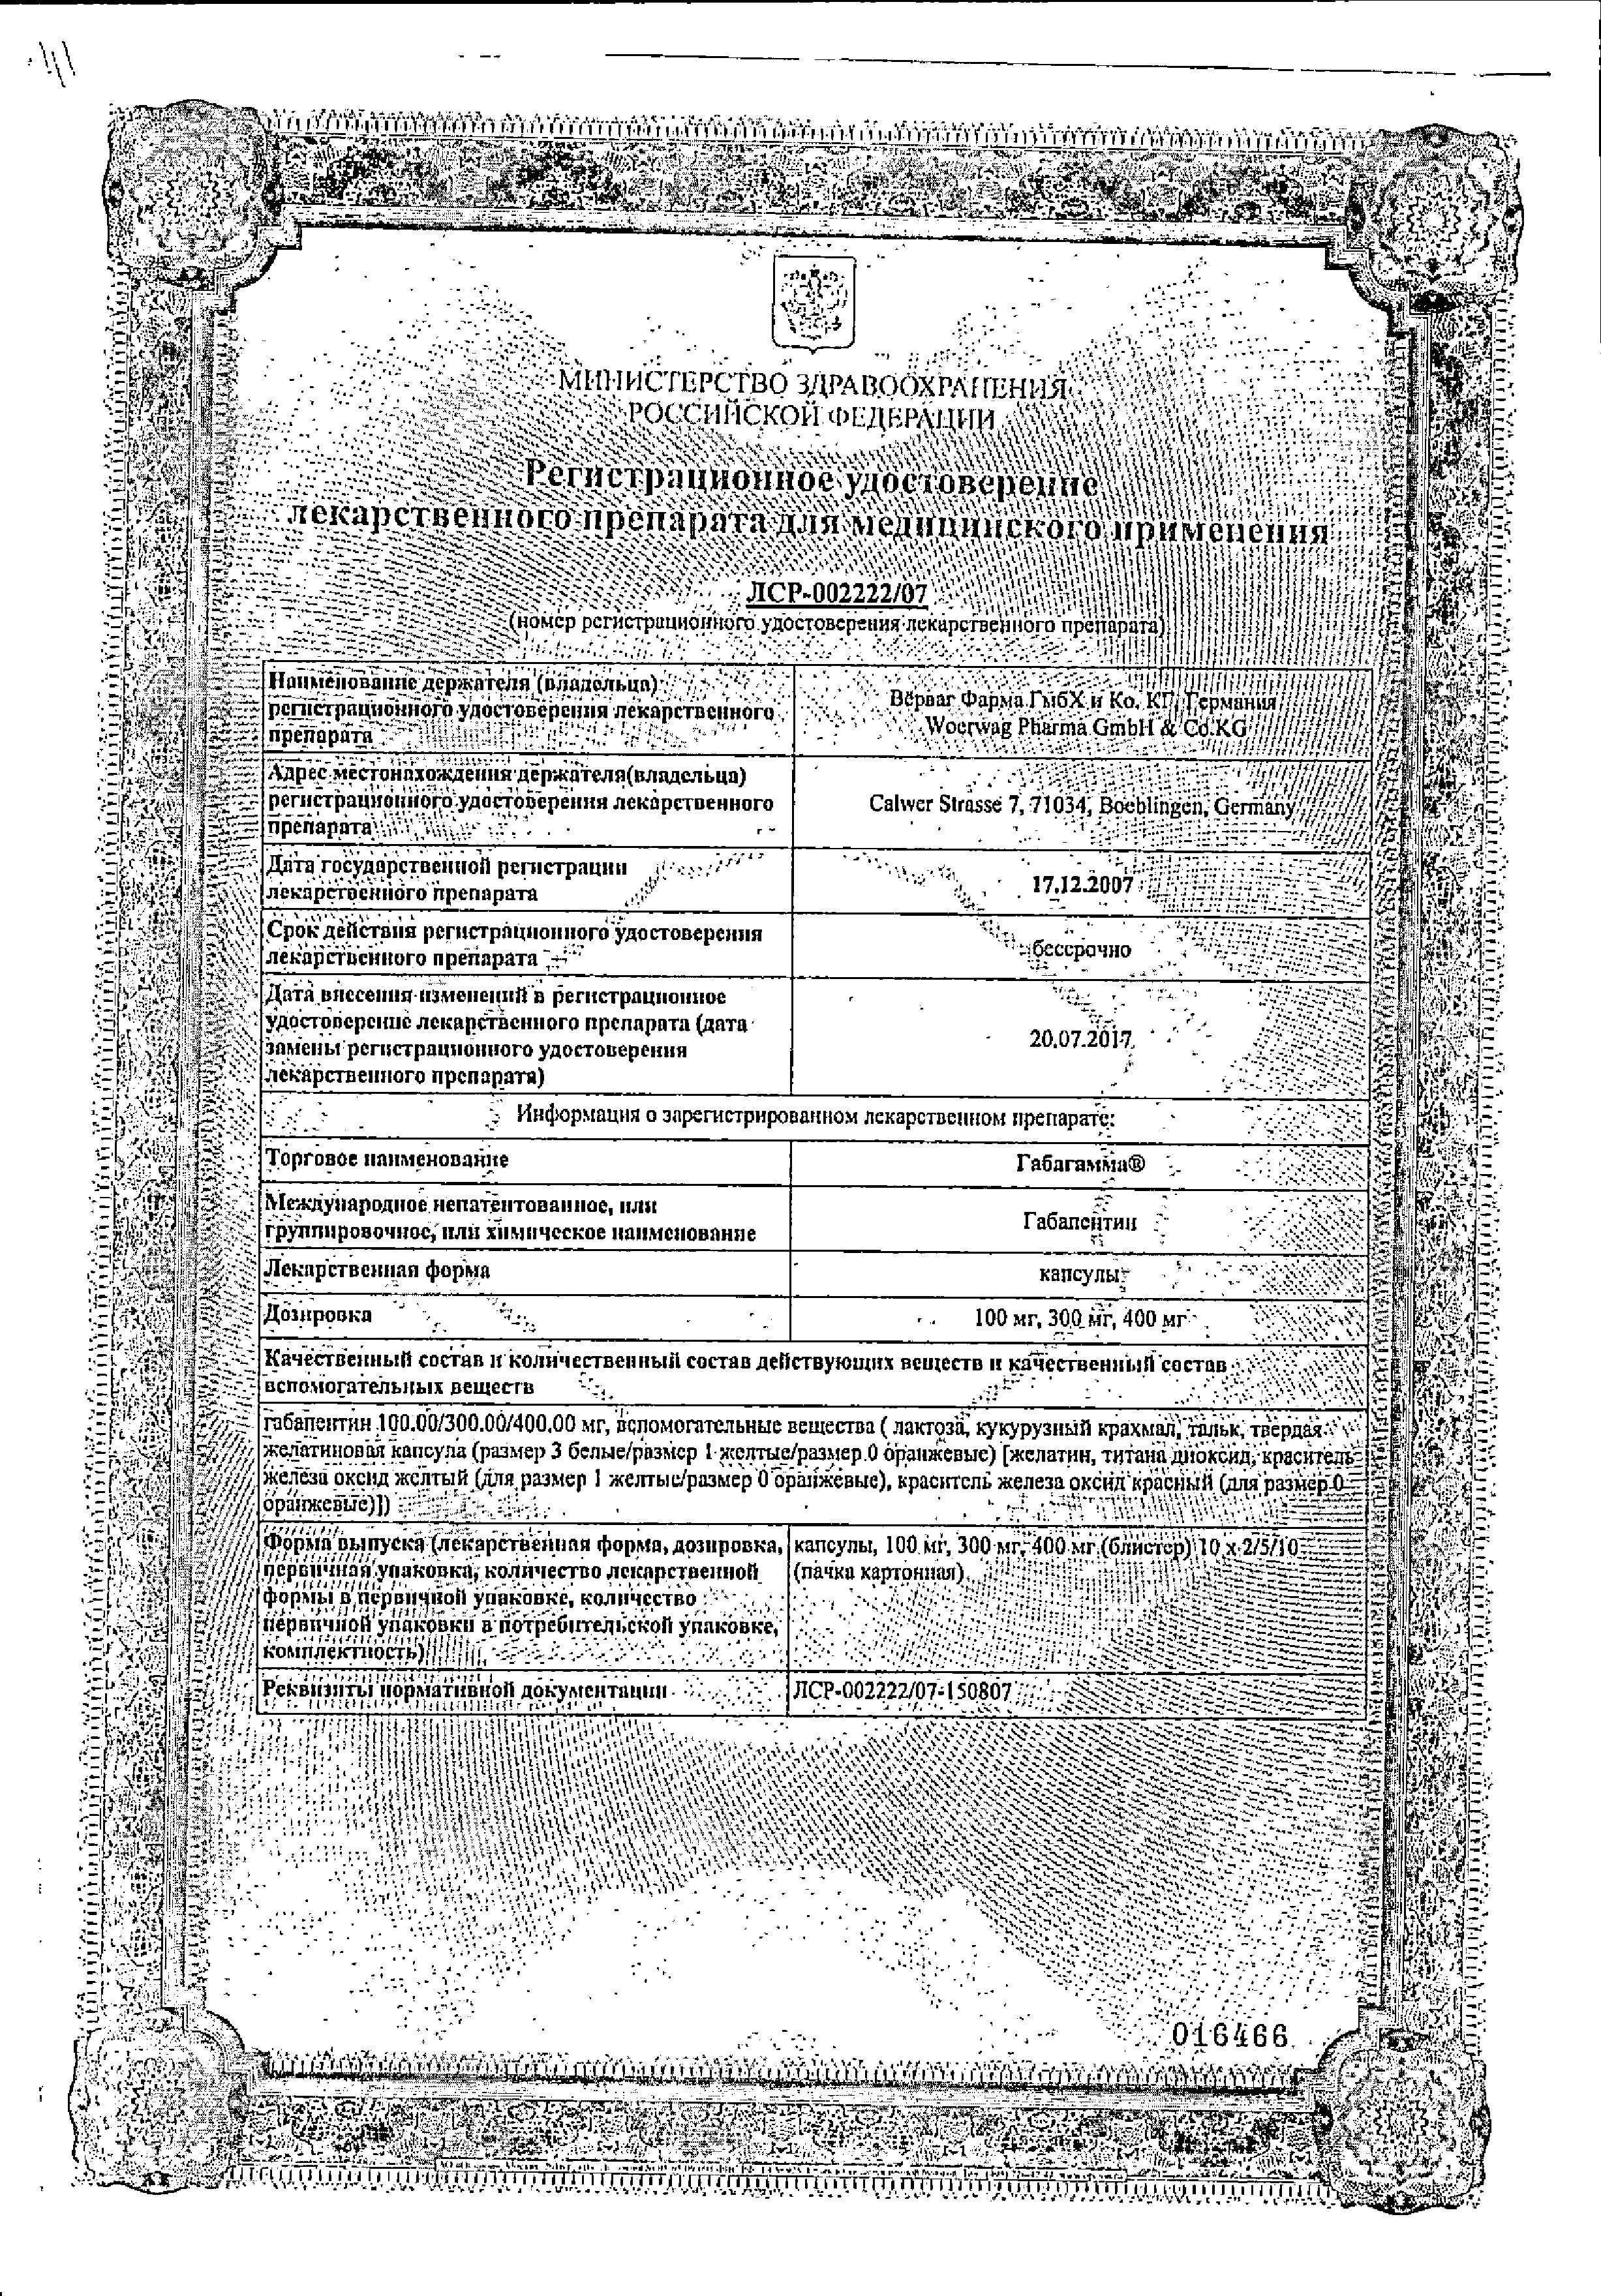 Габагамма сертификат